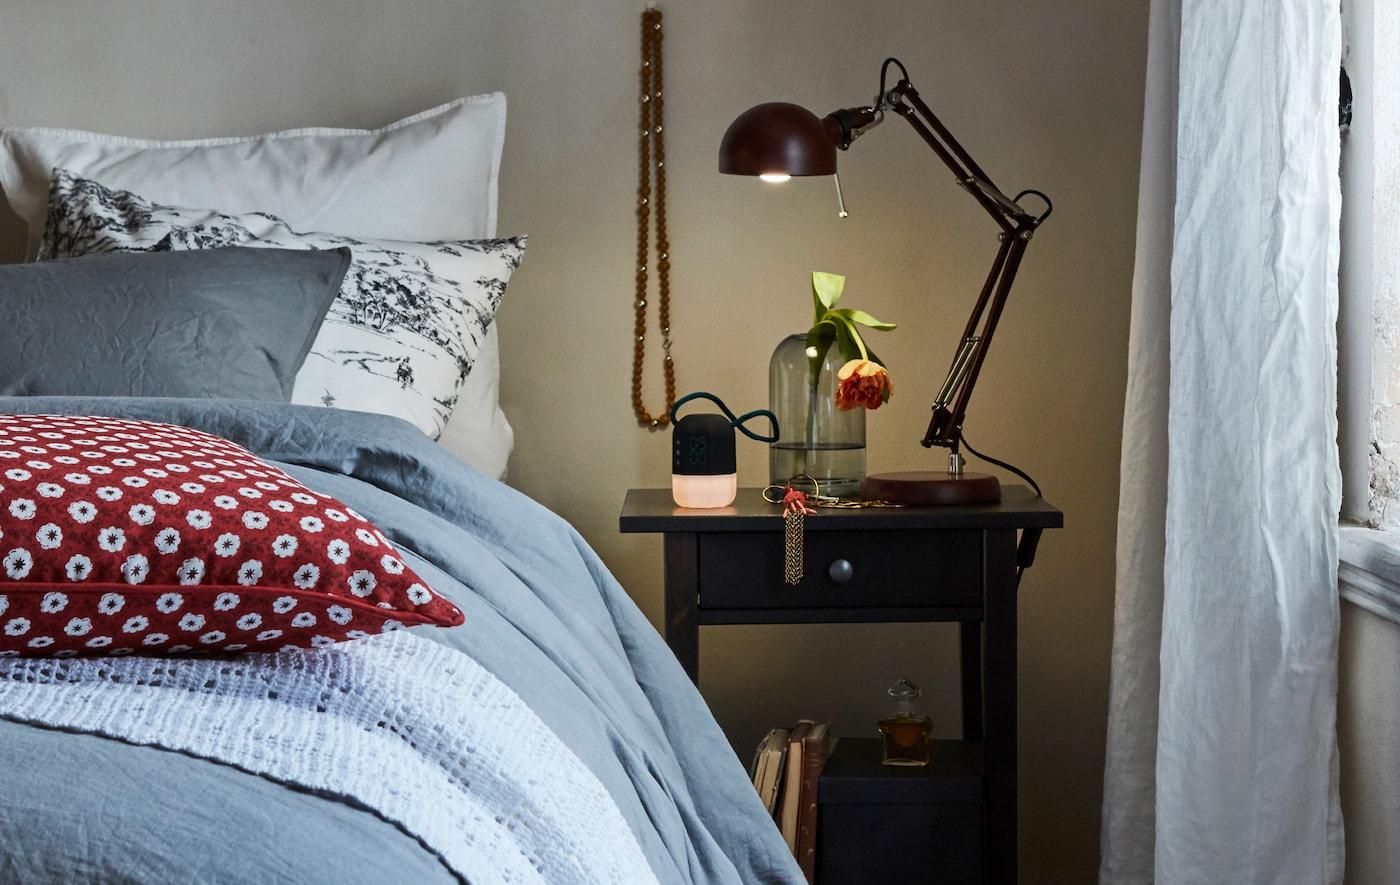 Um candeeiro de secretária aceso numa mesa. Ao lado da cama está um vaso de vidro e um despertador num quarto acolhedor.